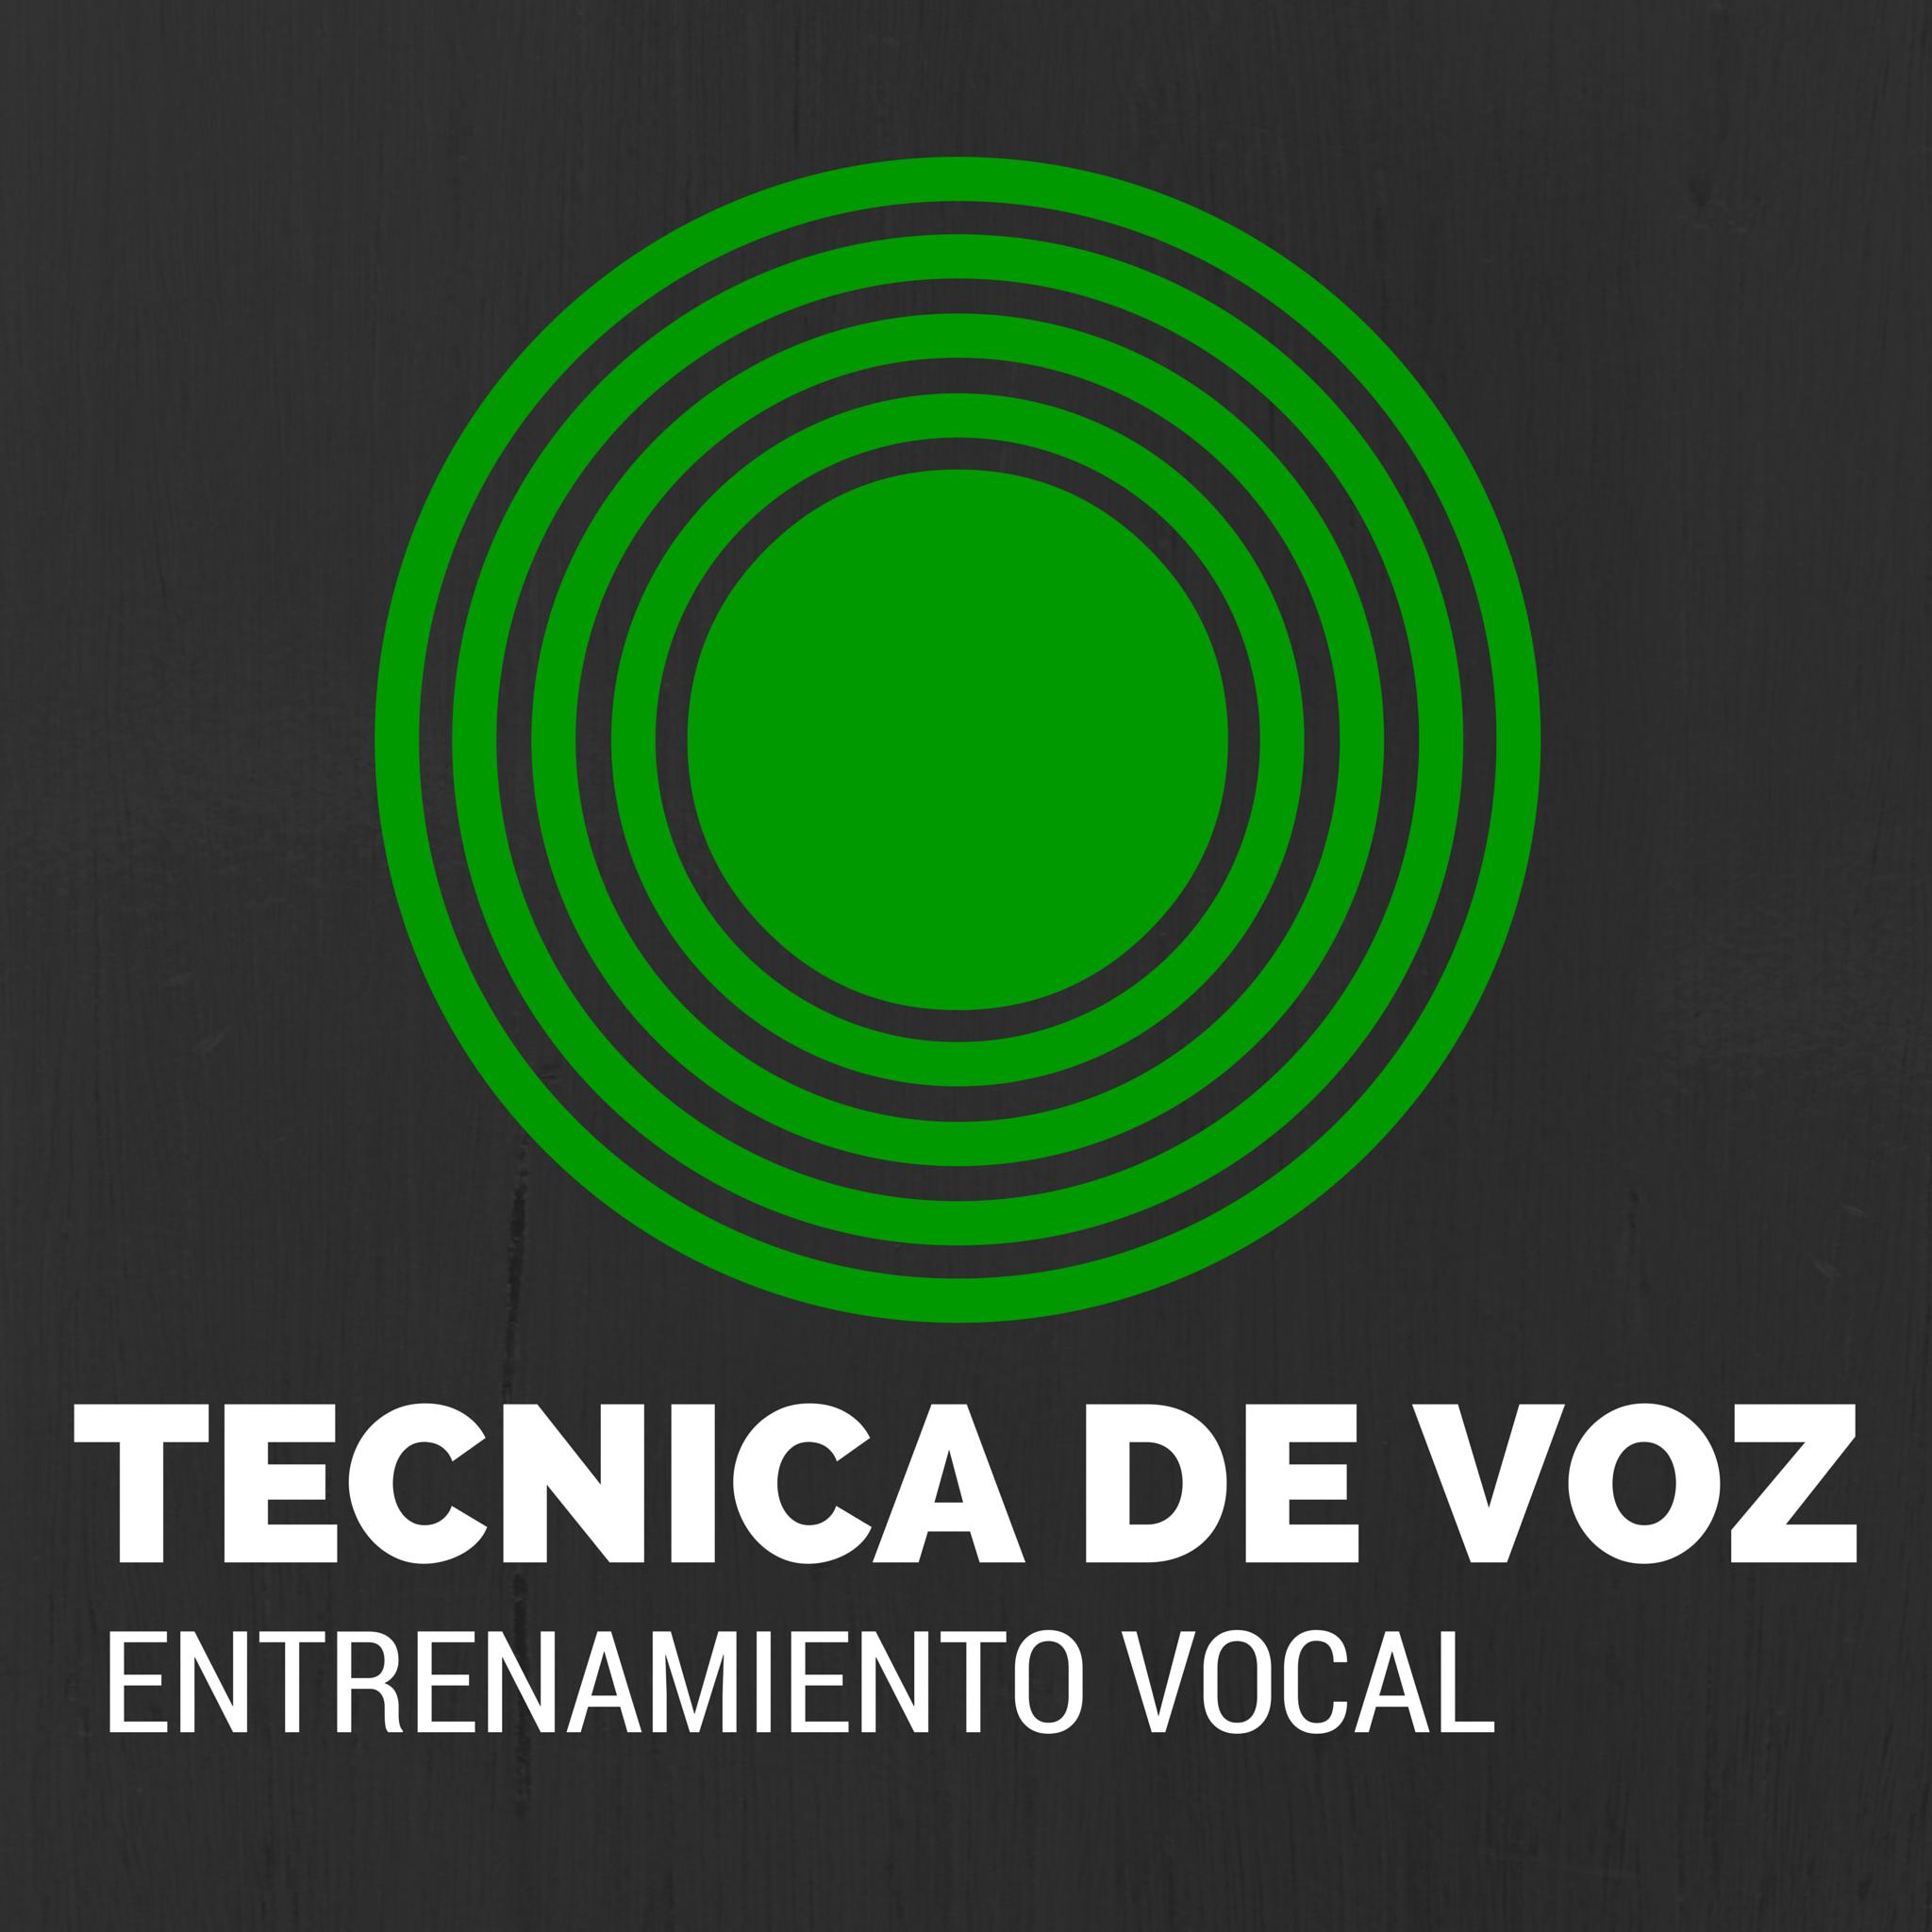 Tecnica De Voz